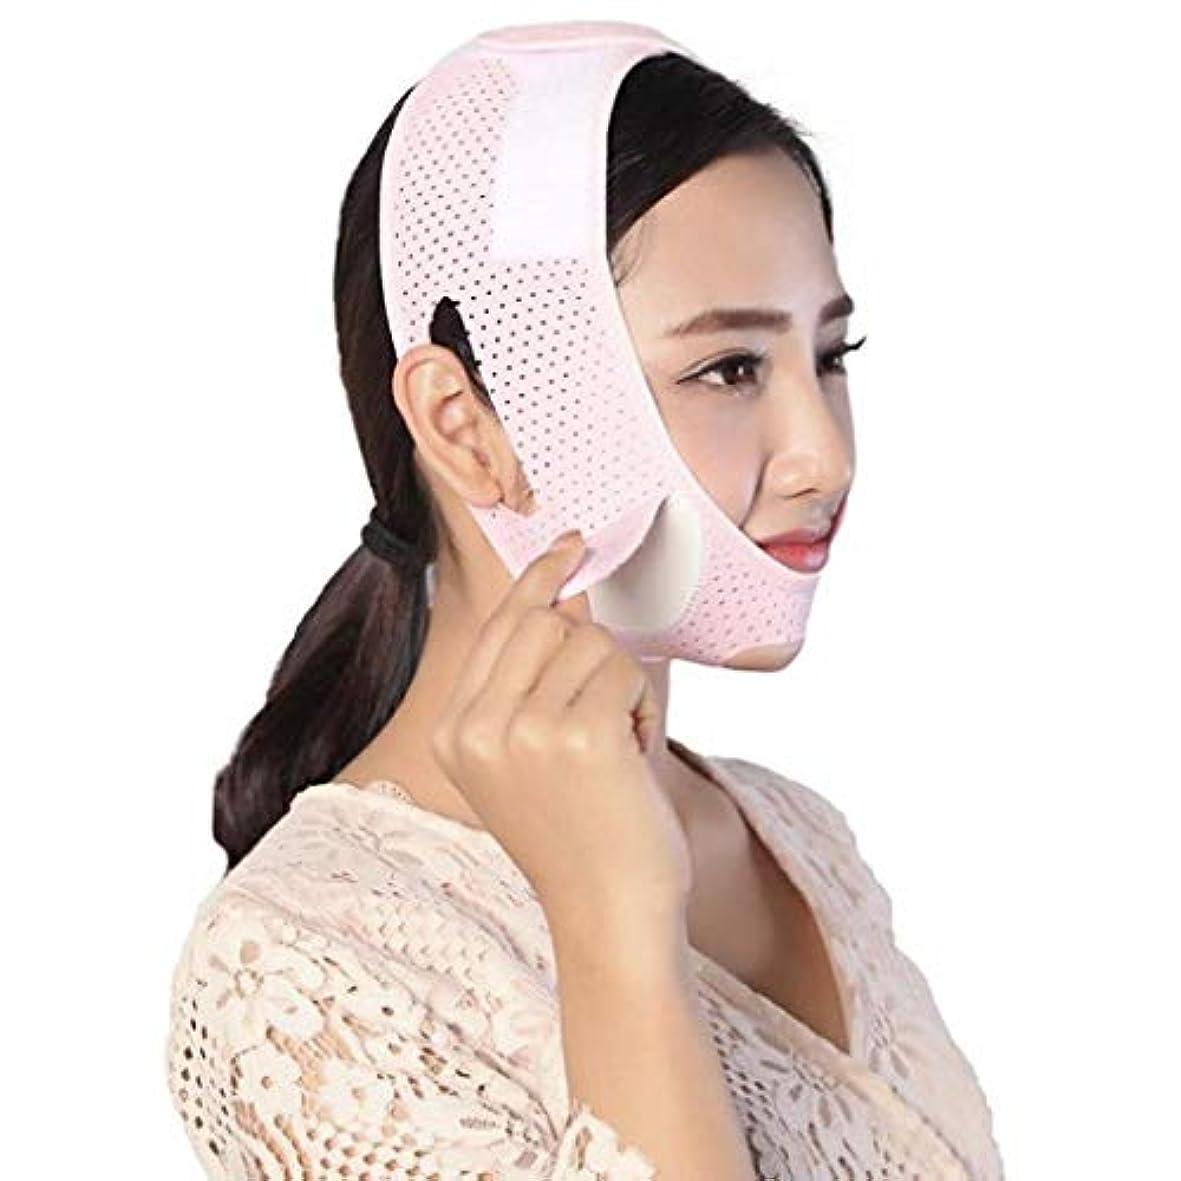 退屈な許さないレトルトVフェイスリフティング痩身Vフェイスマスクフルカバレッジ包帯減らす顔の二重あごケア減量美容ベルト通気性